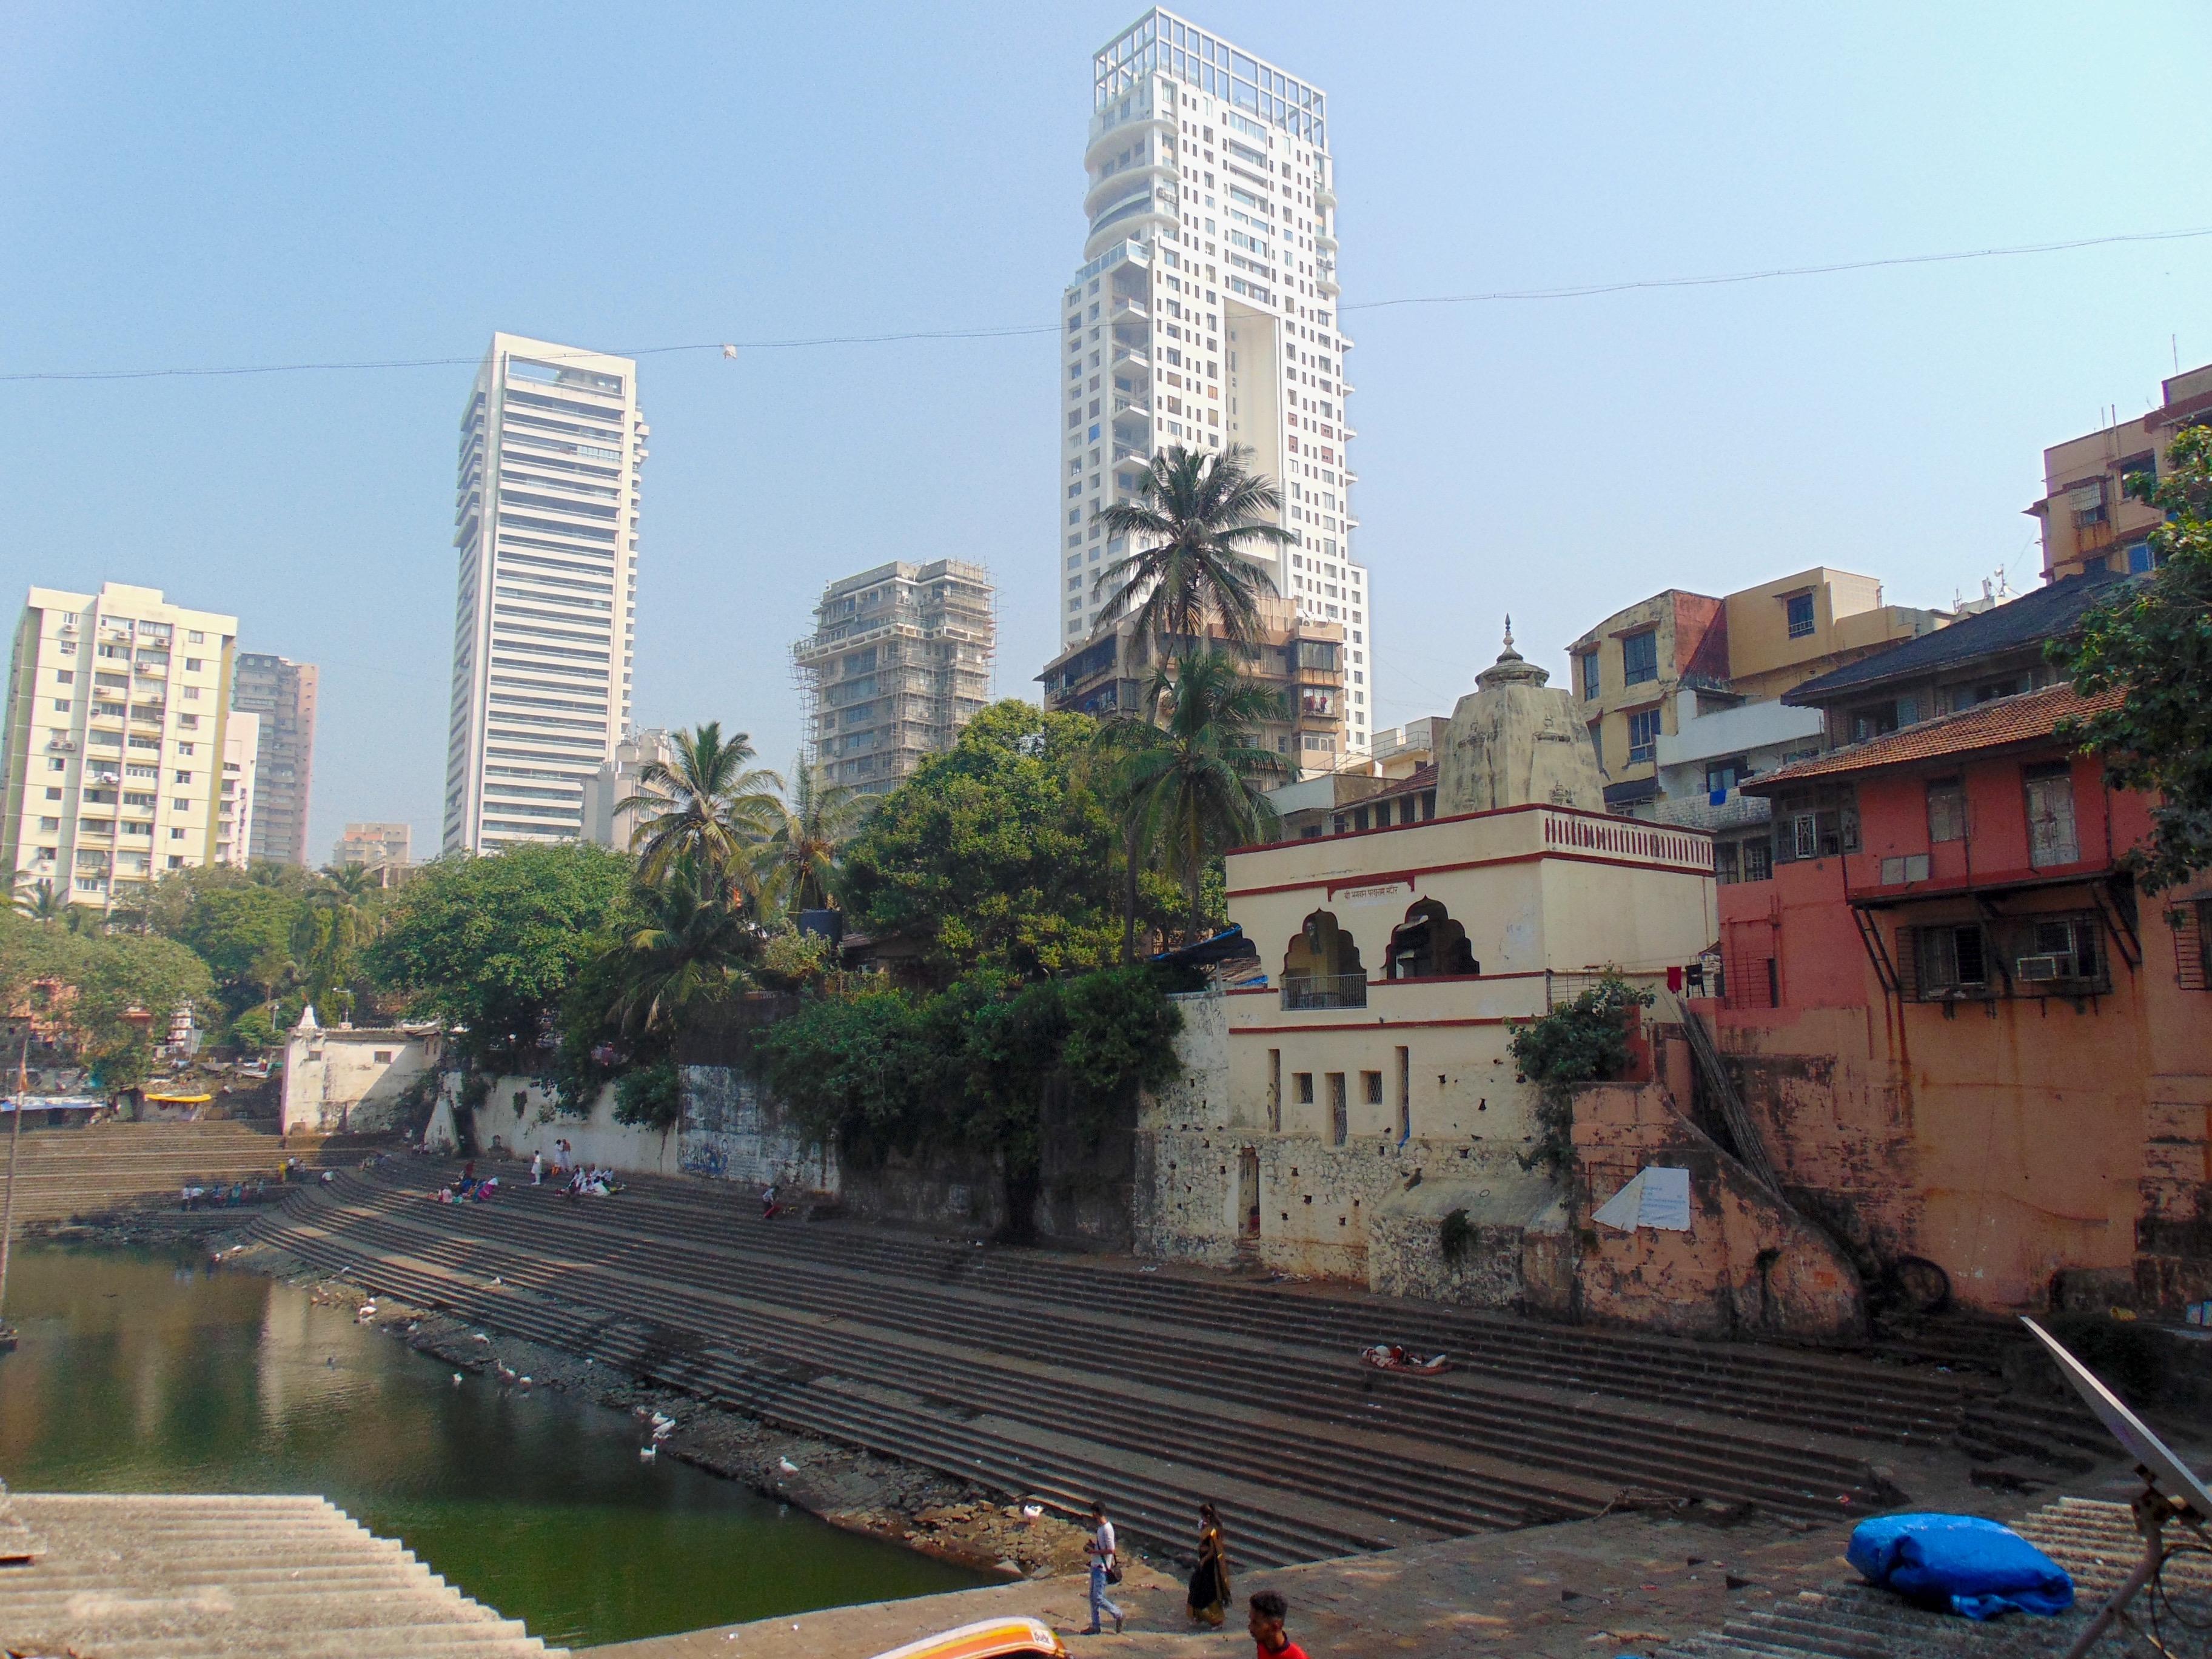 Mumbai incontri donna